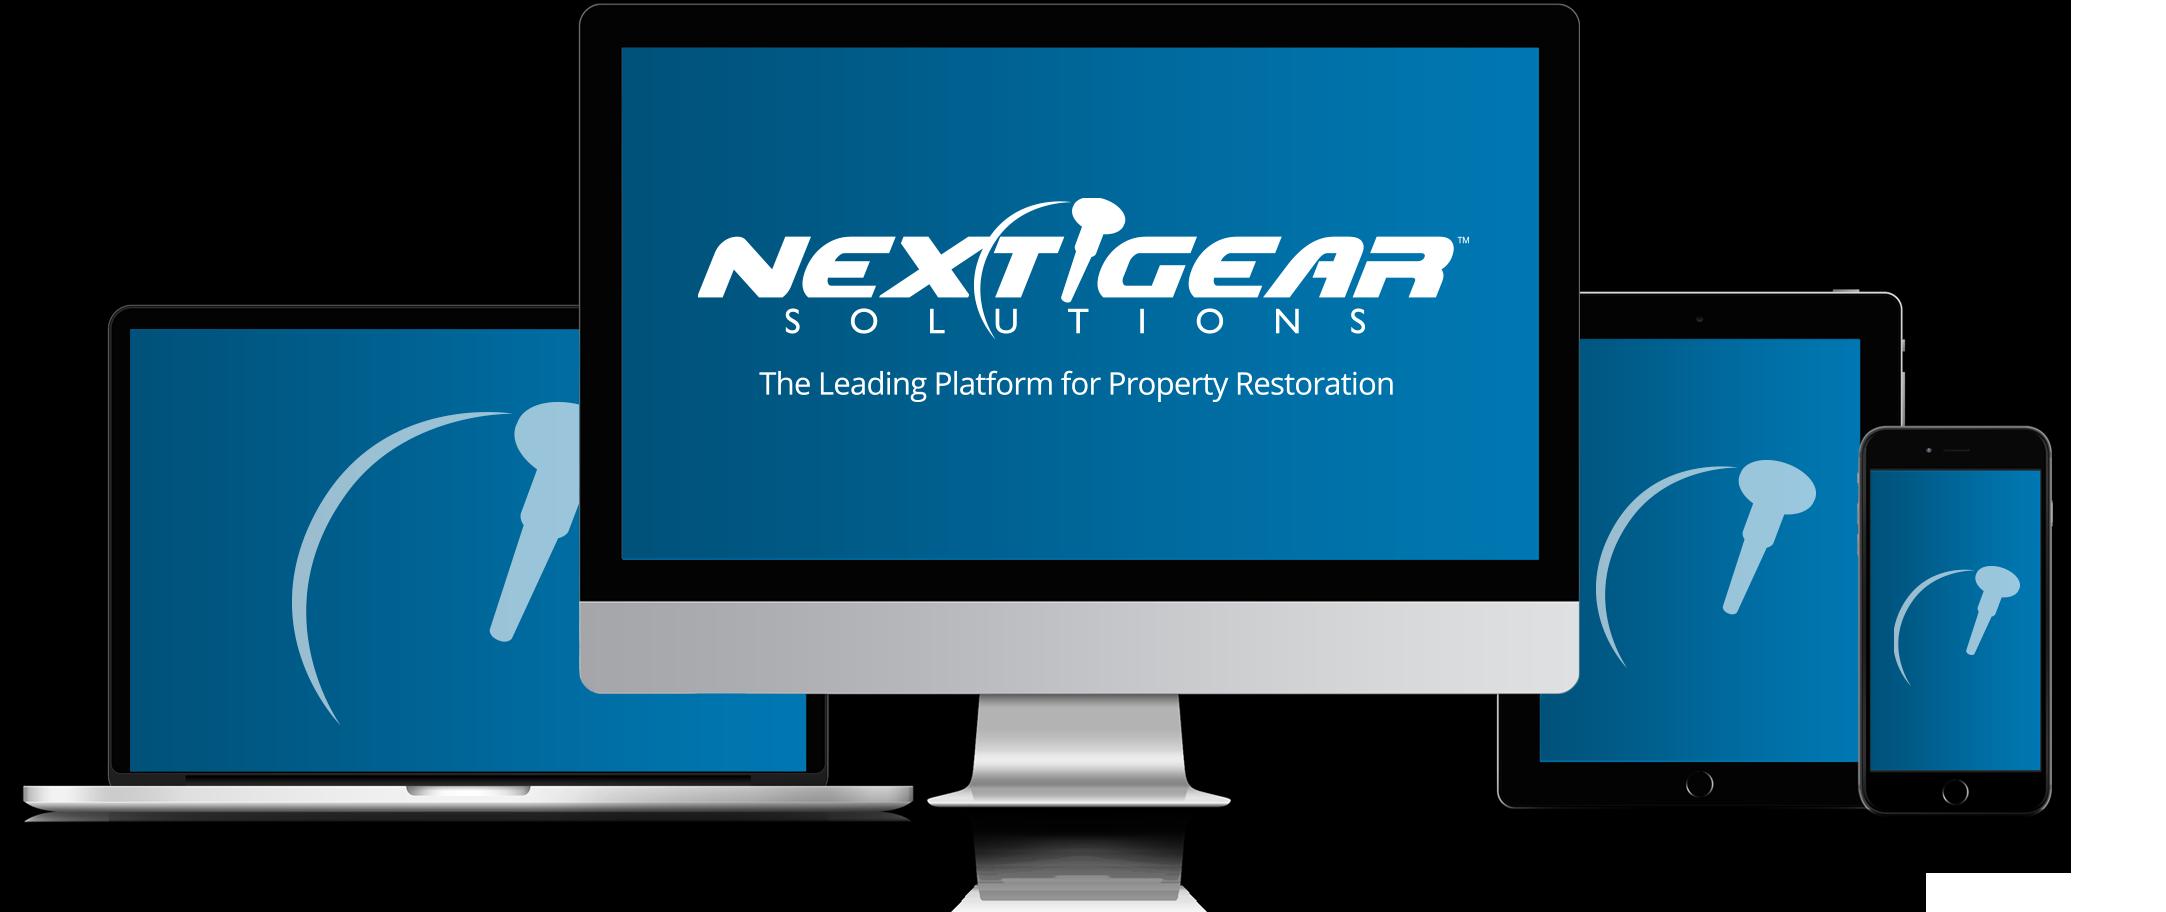 Restoration Job Management Software - Laptop, Desktop, Tablet, Mobile Phone